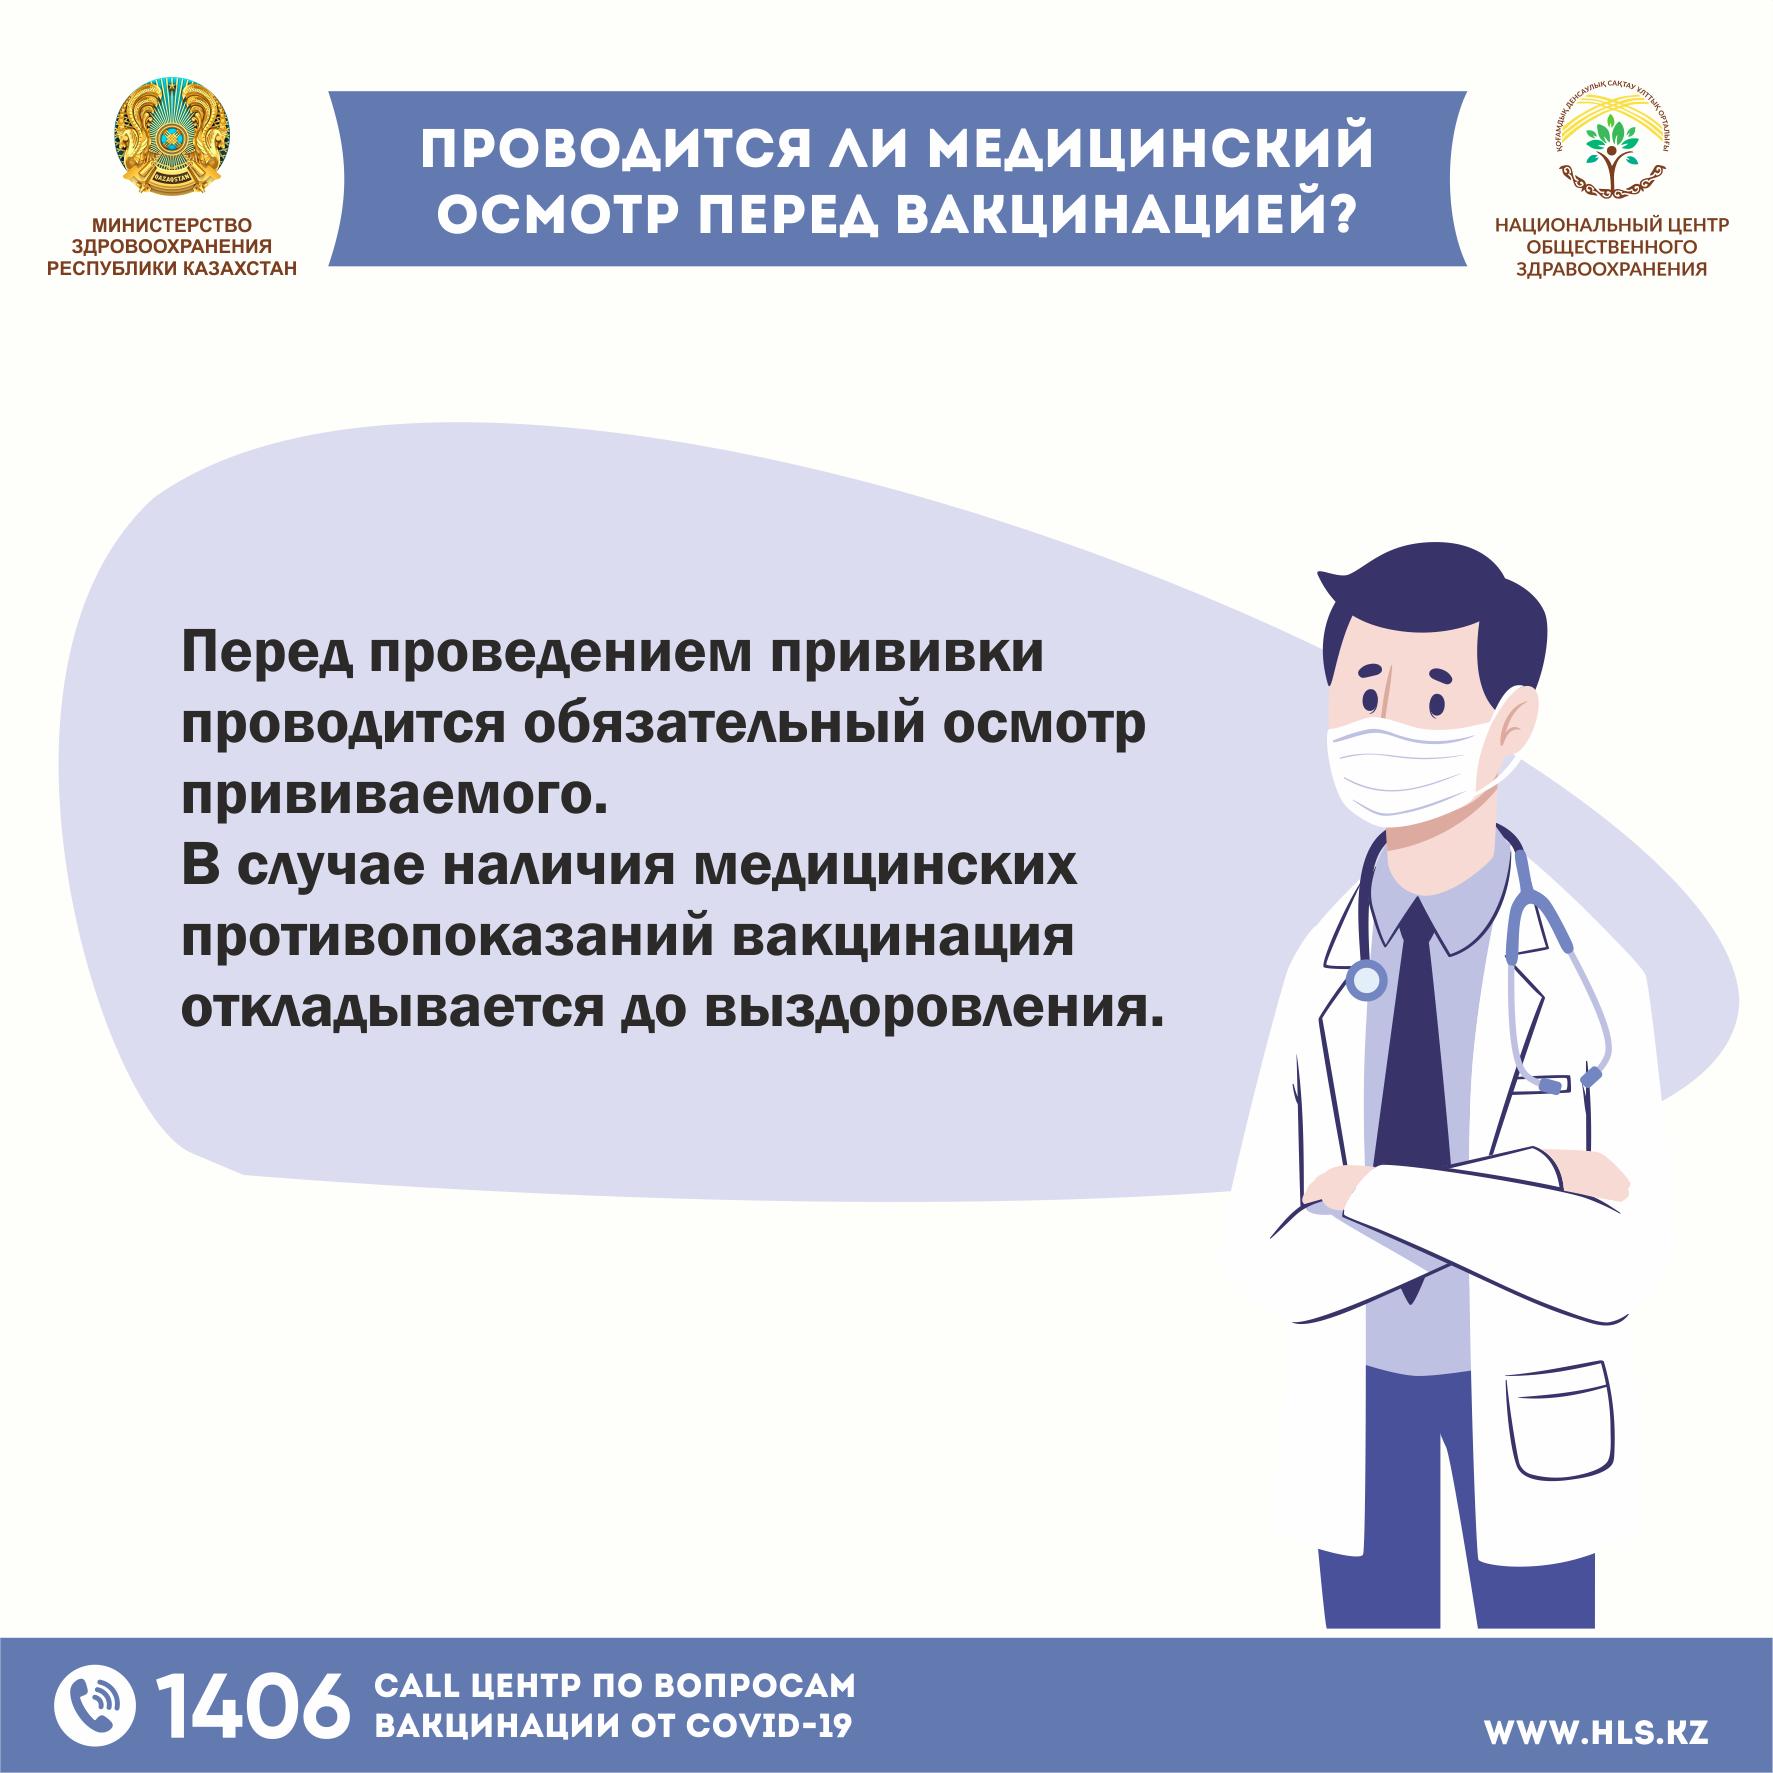 Проводится ли медицинский осмотр перед в